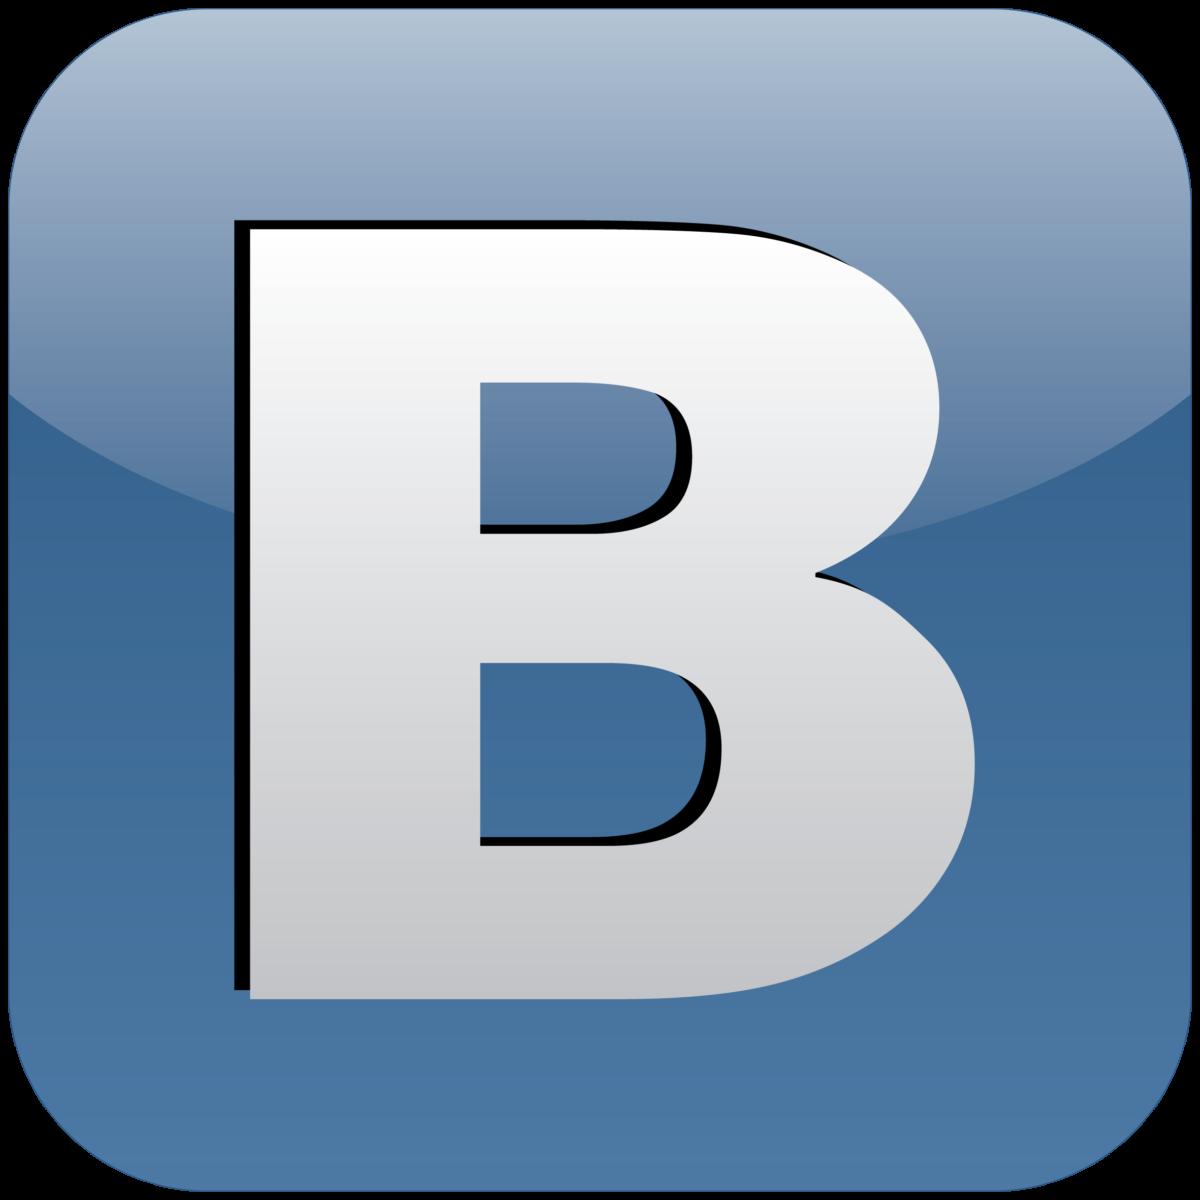 Как найти и восстановить удаленные сообщения ВКонтакте?